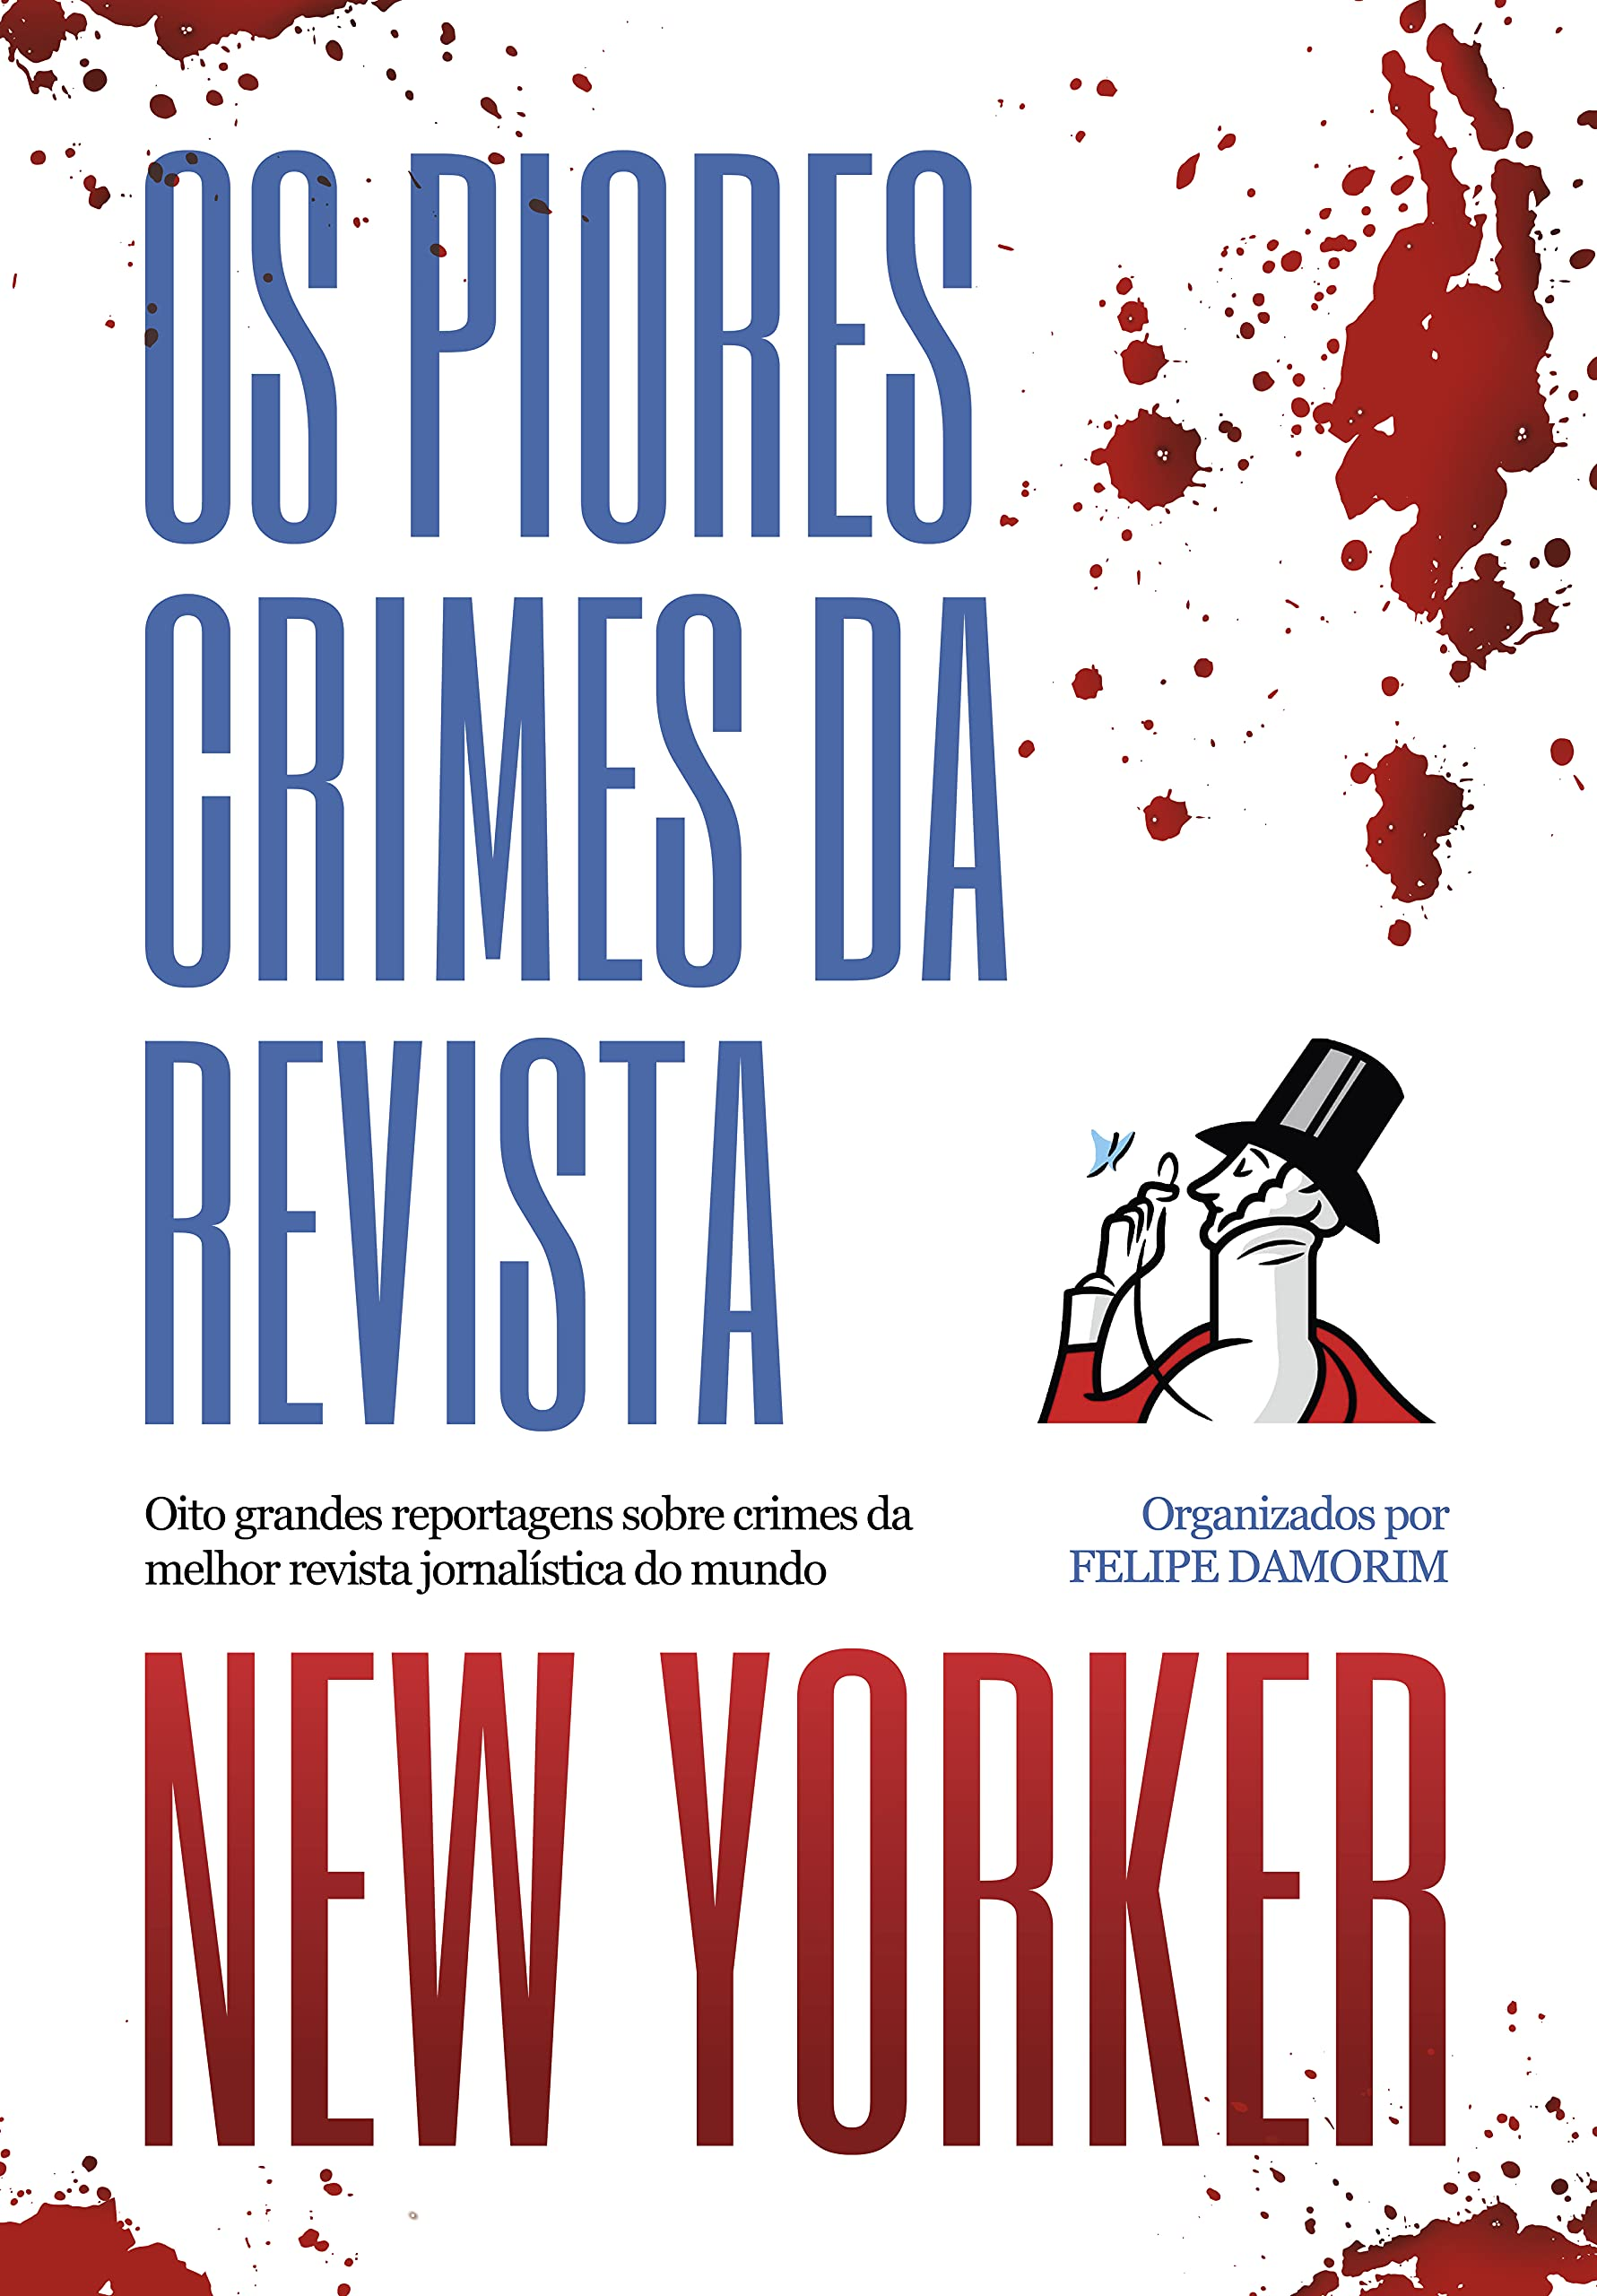 Crédito: Reprodução / Editora Rua do Sabão